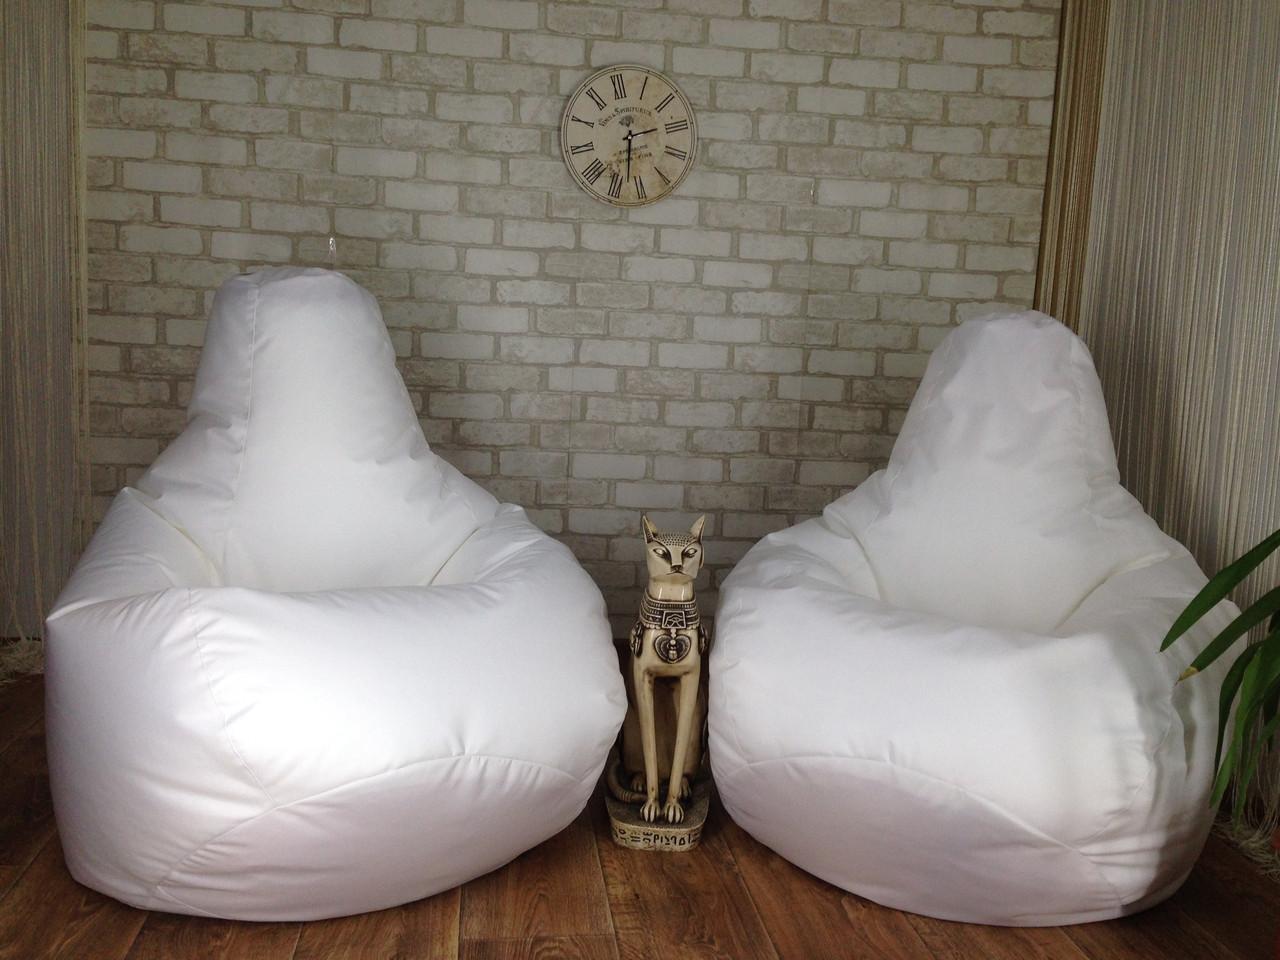 Кресло Мешок, бескаркасное кресло Груша ХХЛ, белый